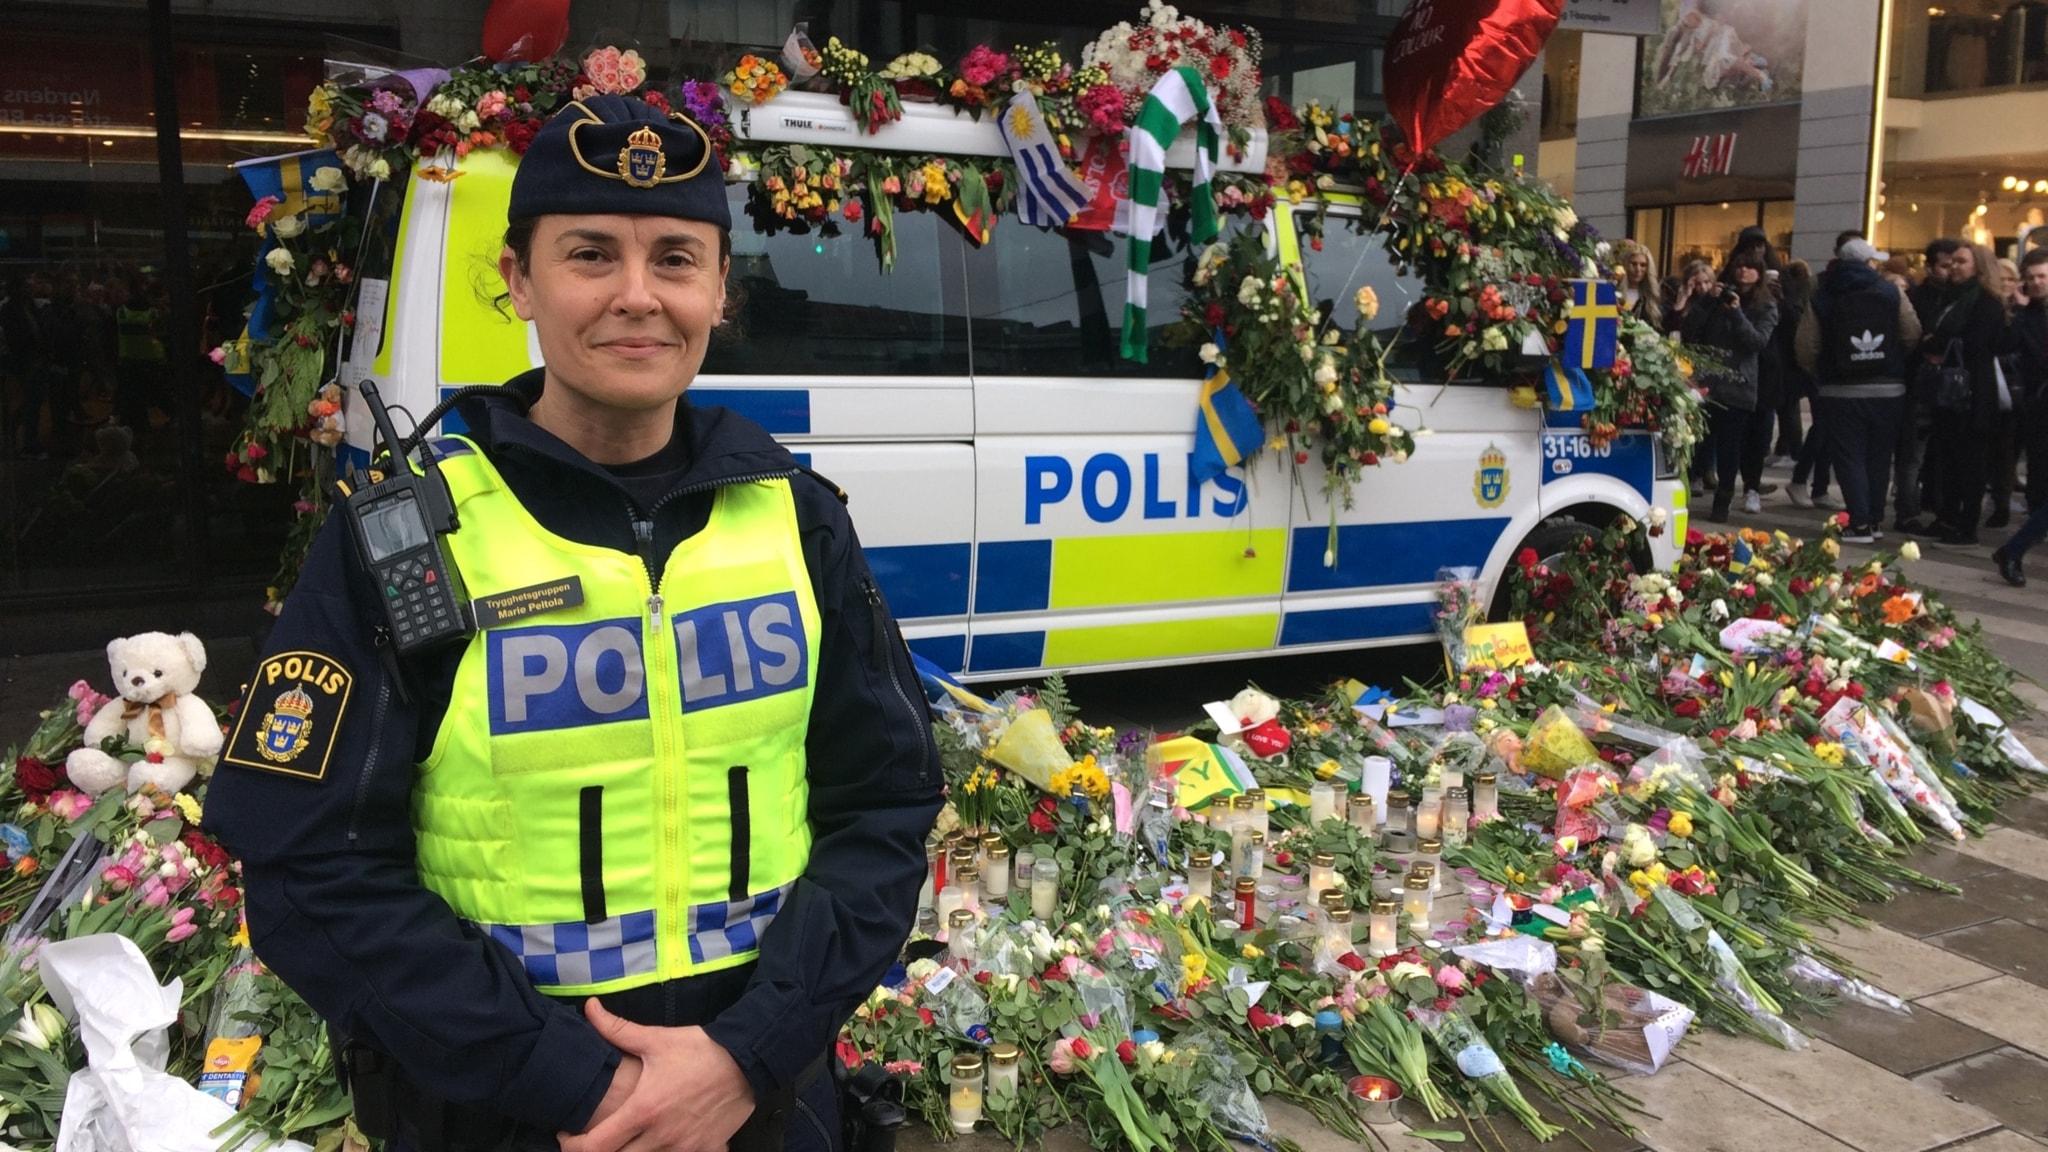 polisen blekinge